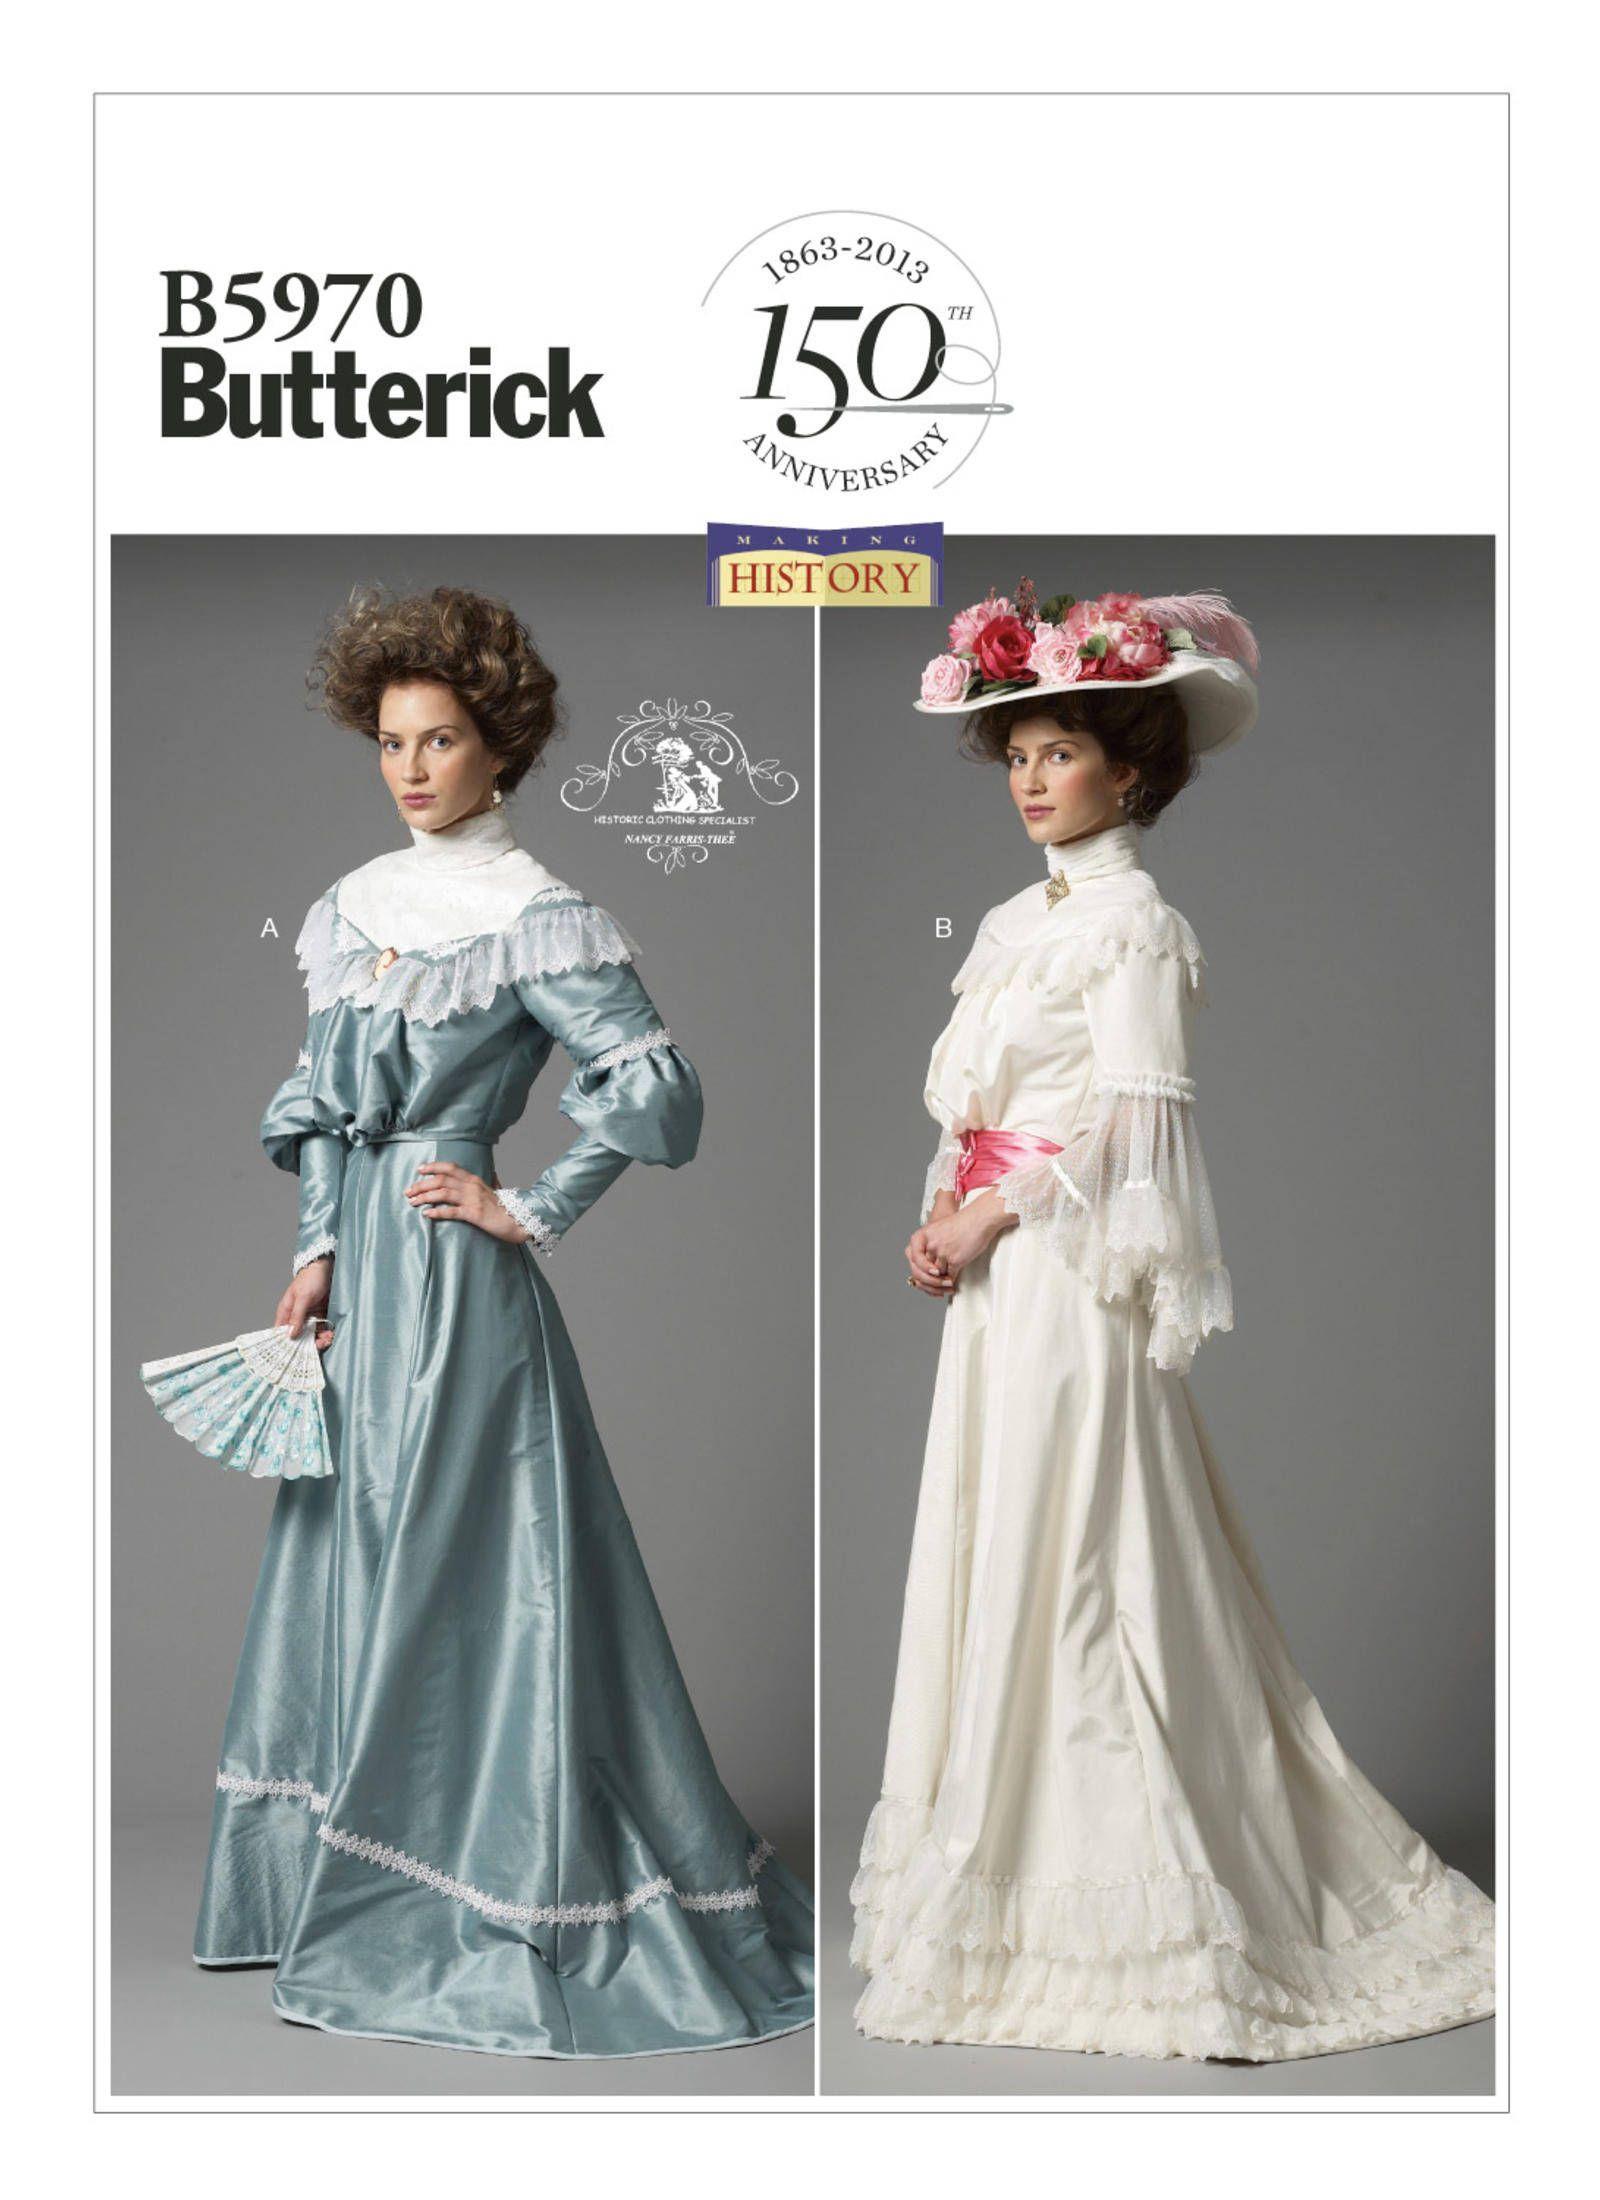 06d42e445e0 Butterick sewing pattern 5970 Making History Edwardian Era Victorian ...